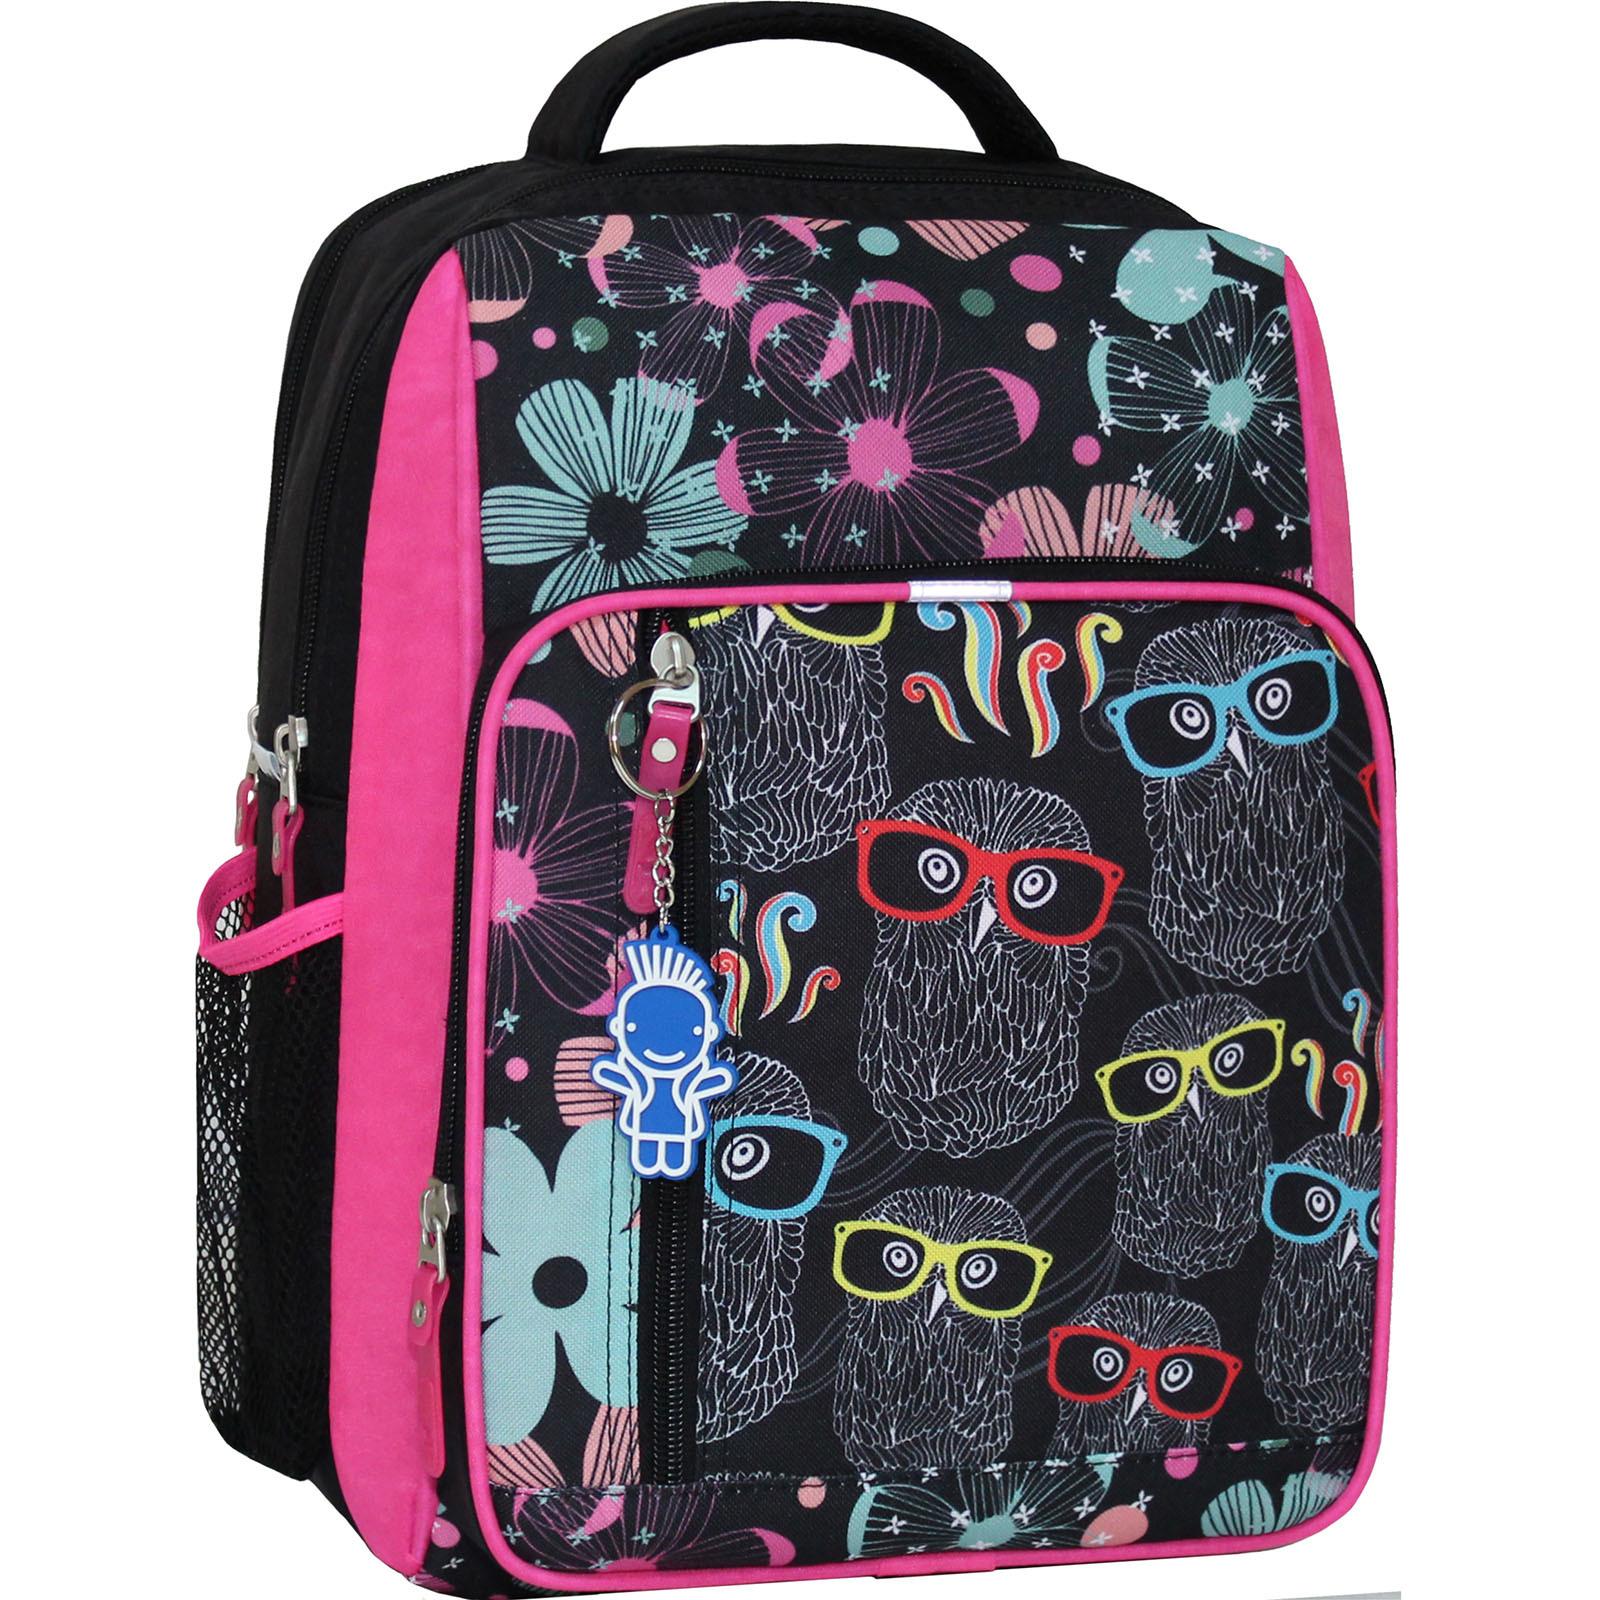 Школьные рюкзаки Рюкзак школьный Bagland Школьник 8 л. черный 403 (0012870) IMG_7715_403_.JPG